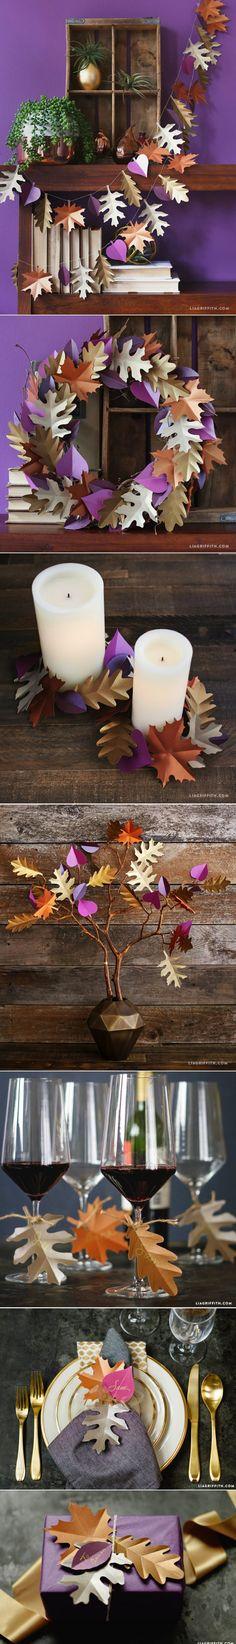 Gör en ring av kartong och klistra på riktiga löv! Blir fint att dekorera med om barnen gör det :-)